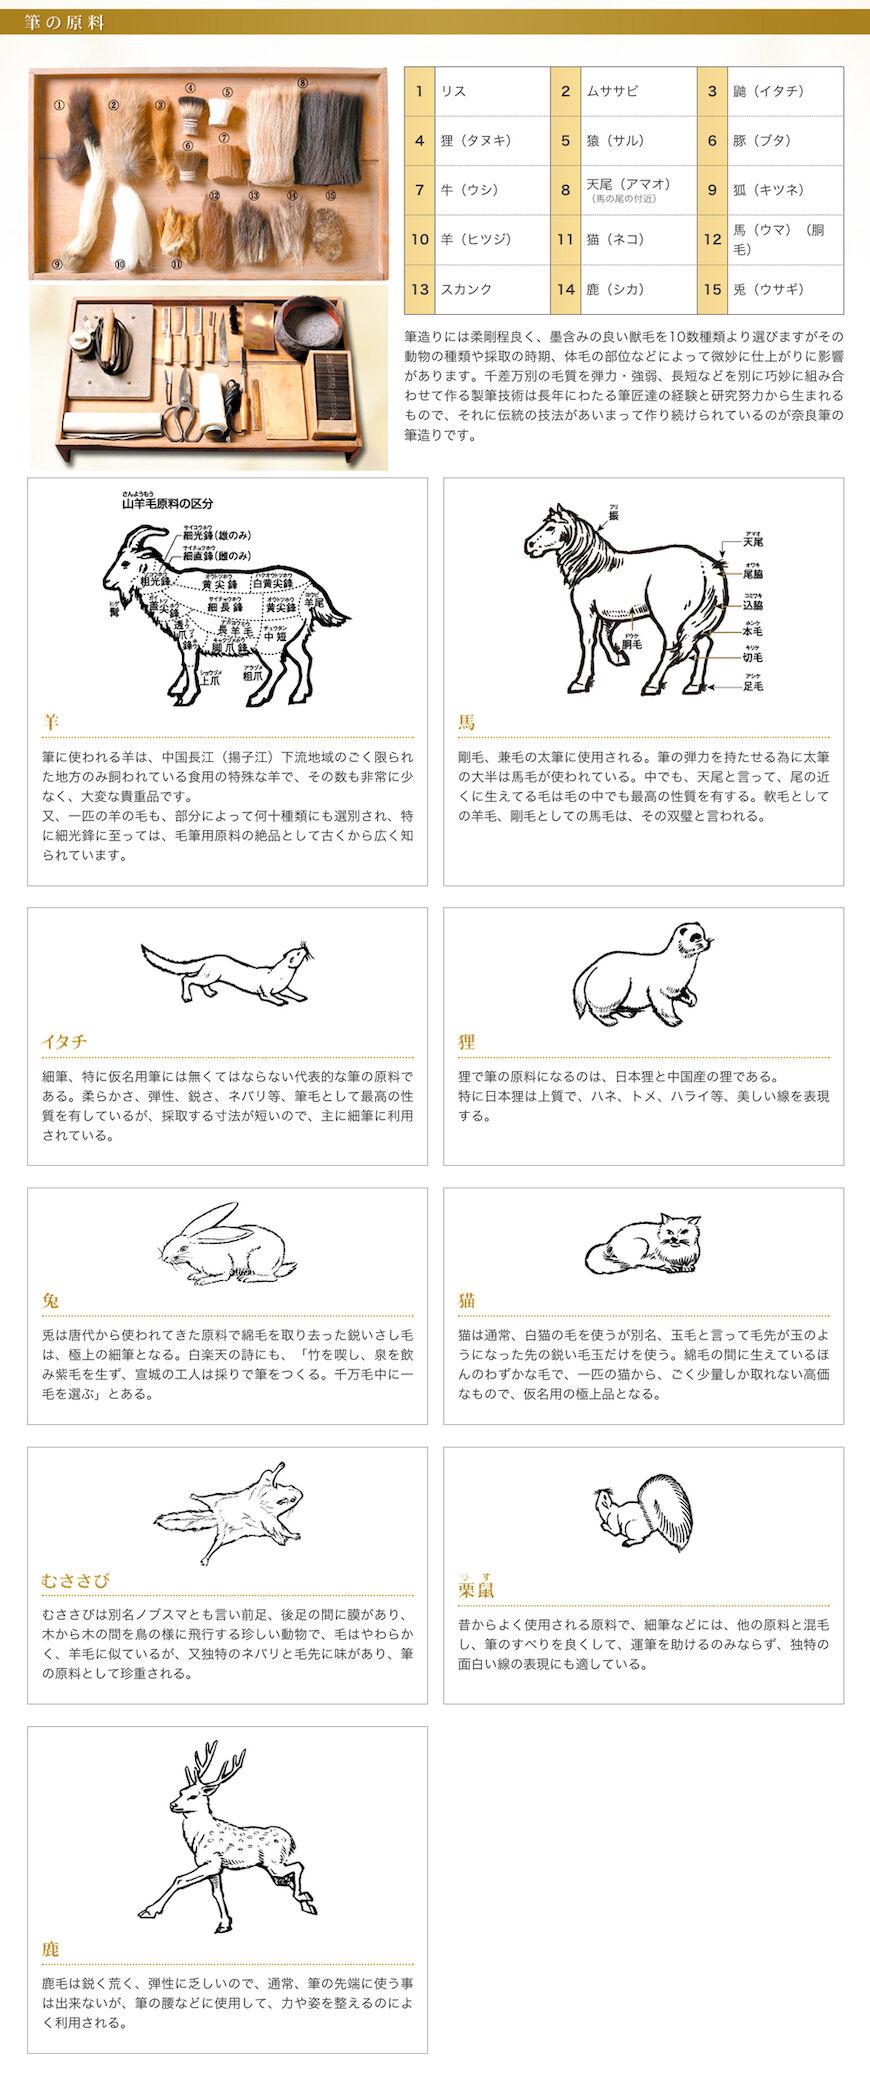 A felhasznált állatszőrök sokfélesége.